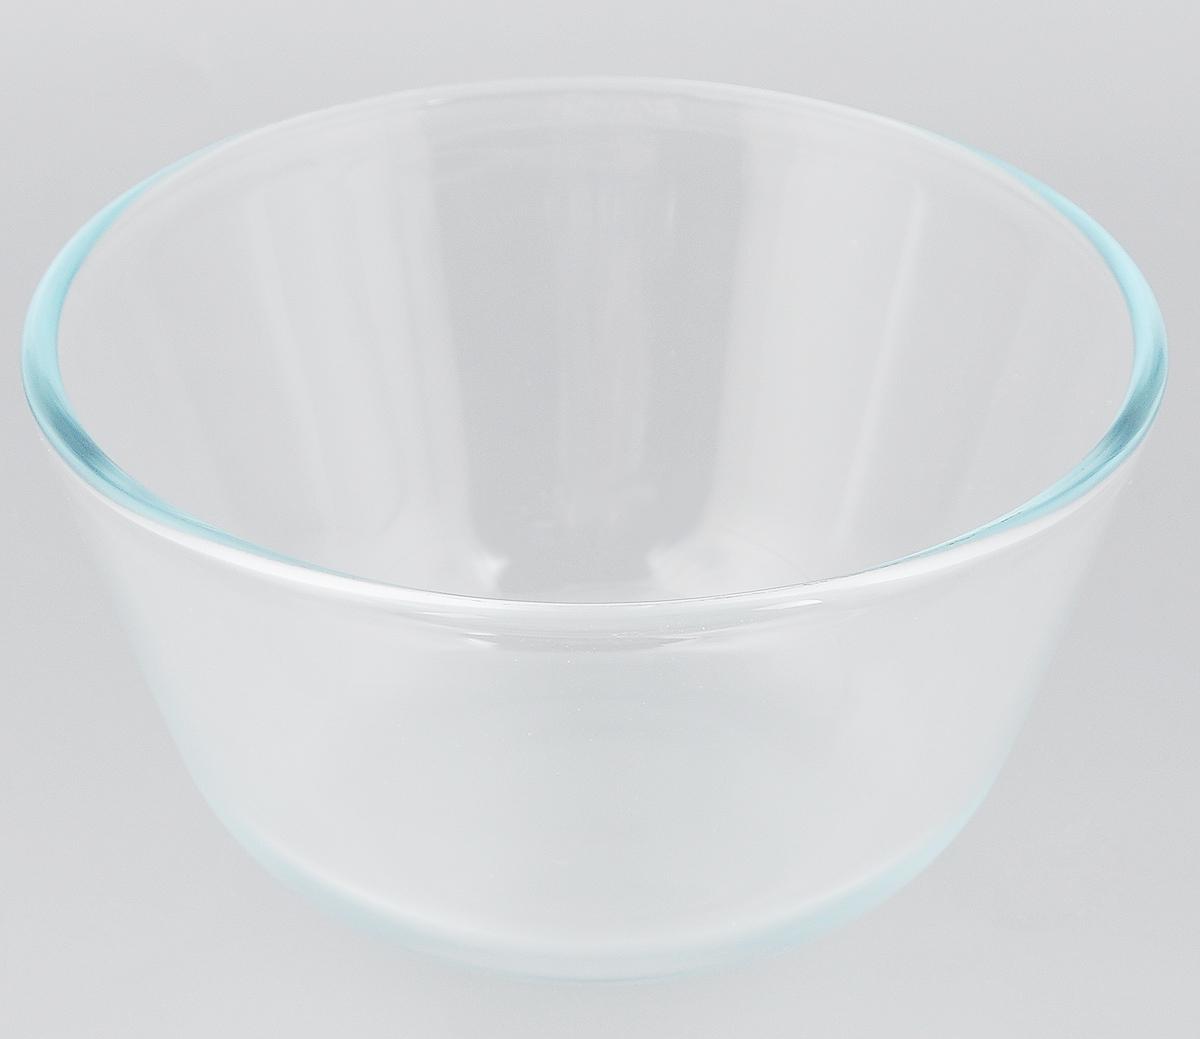 Миска VGP, 1,25 л115510Миска VGP изготовлена из термостойкого и экологически чистого стекла. Предназначена для приготовления пищи в духовке, жарочном шкафу и микроволновой печи. Миска прекрасно подойдет для хранения и замораживания различных продуктов, а также для сервировки и декоративного оформления праздничного стола.Миска VGP станет незаменимым аксессуаром на кухне для любой хозяйки.Можно мыть в посудомоечной машине. Высота стенки: 9,5 см. Диаметр миски (по верхнему краю): 17 см.